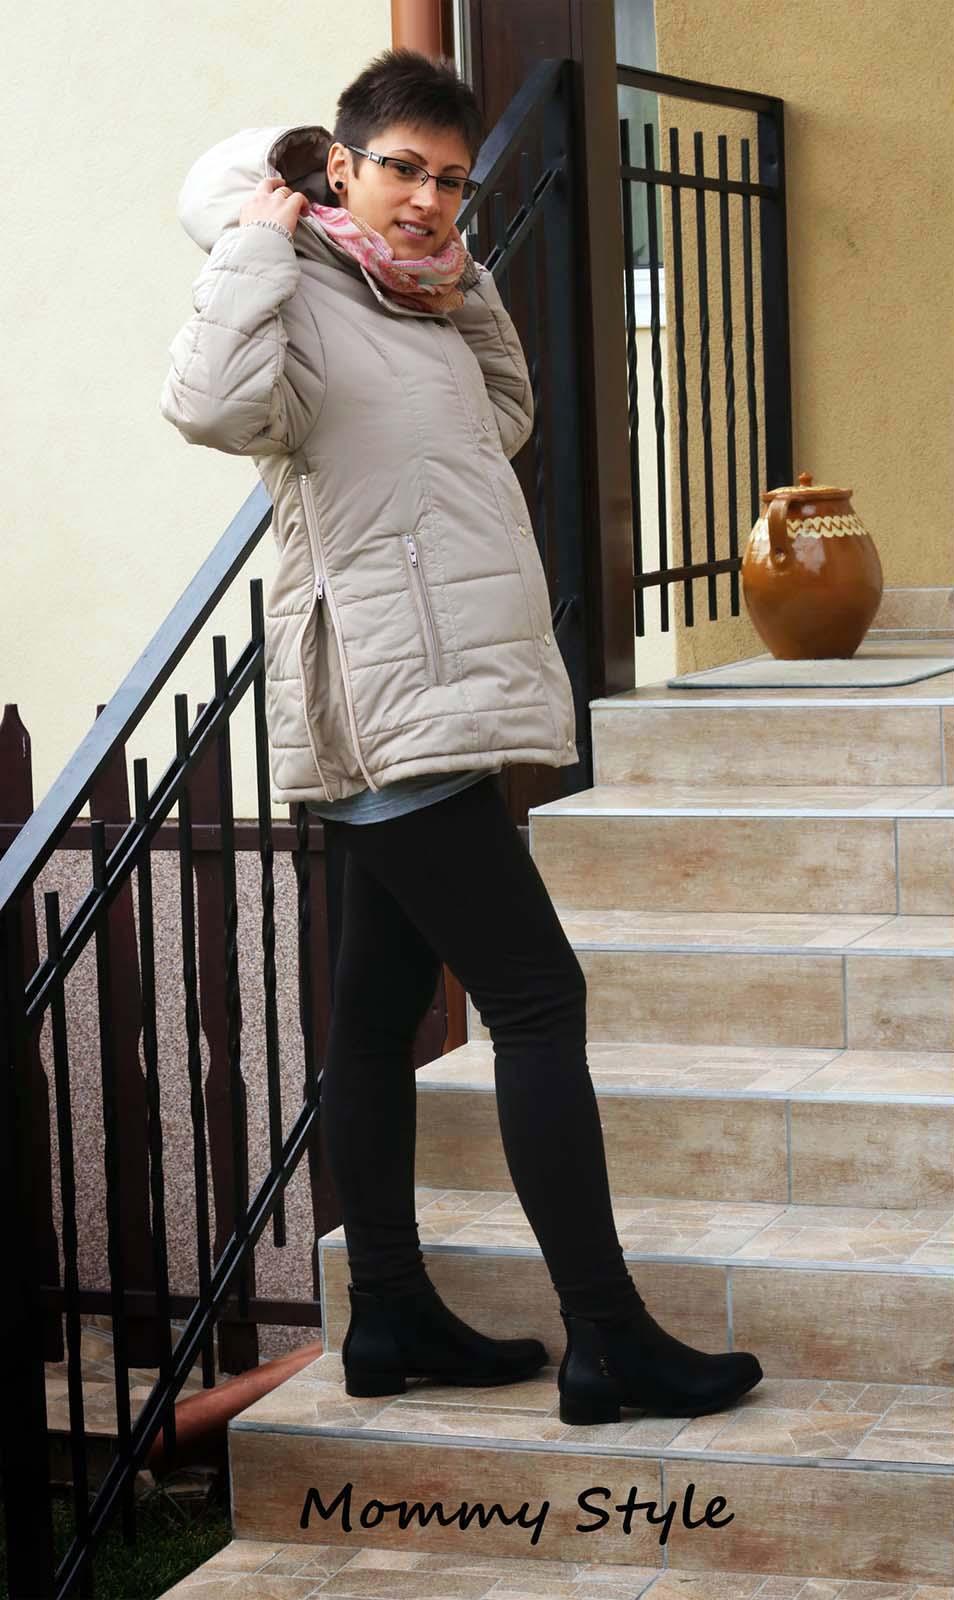 1e014d80ed 25 okt Oldalán bővíthető kismama dzseki. Hozzászólás Időpontja: 10:17h >>>  - Mommy Style ...